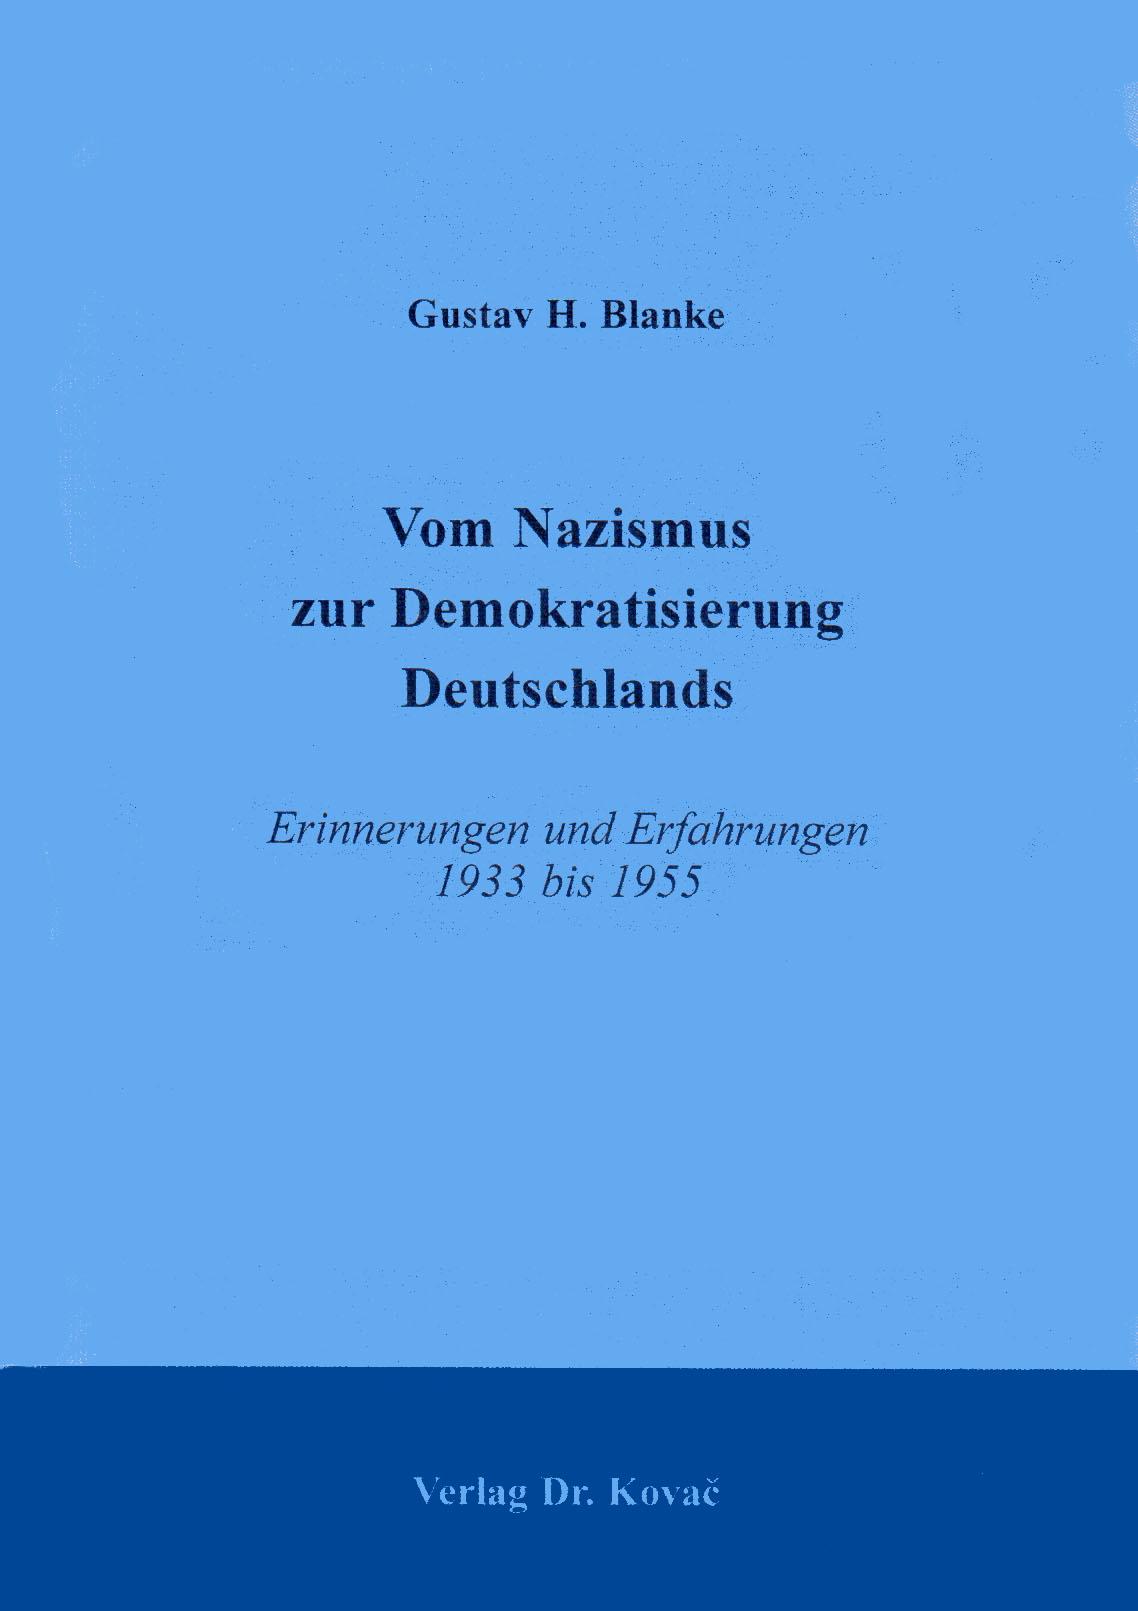 Cover: Vom Nazismus zur Demokratisierung Deutschlands: Erinnerungen und Erfahrungen 1933 bis 1955